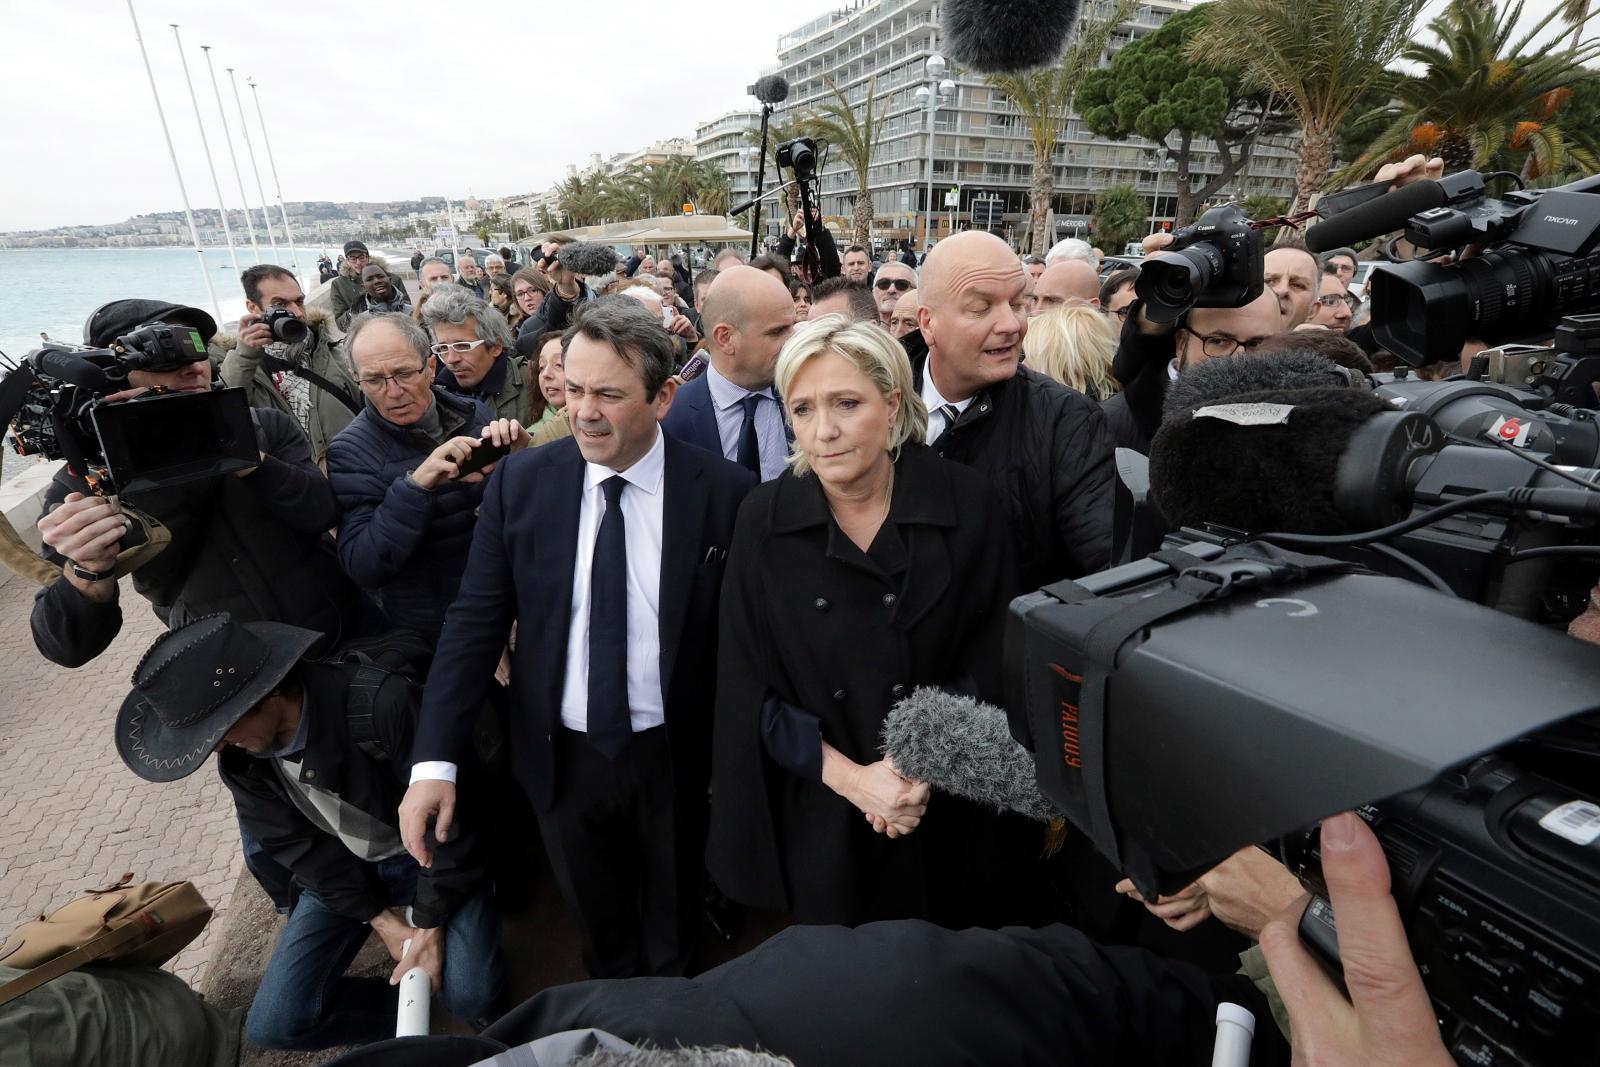 Le Pen Nice